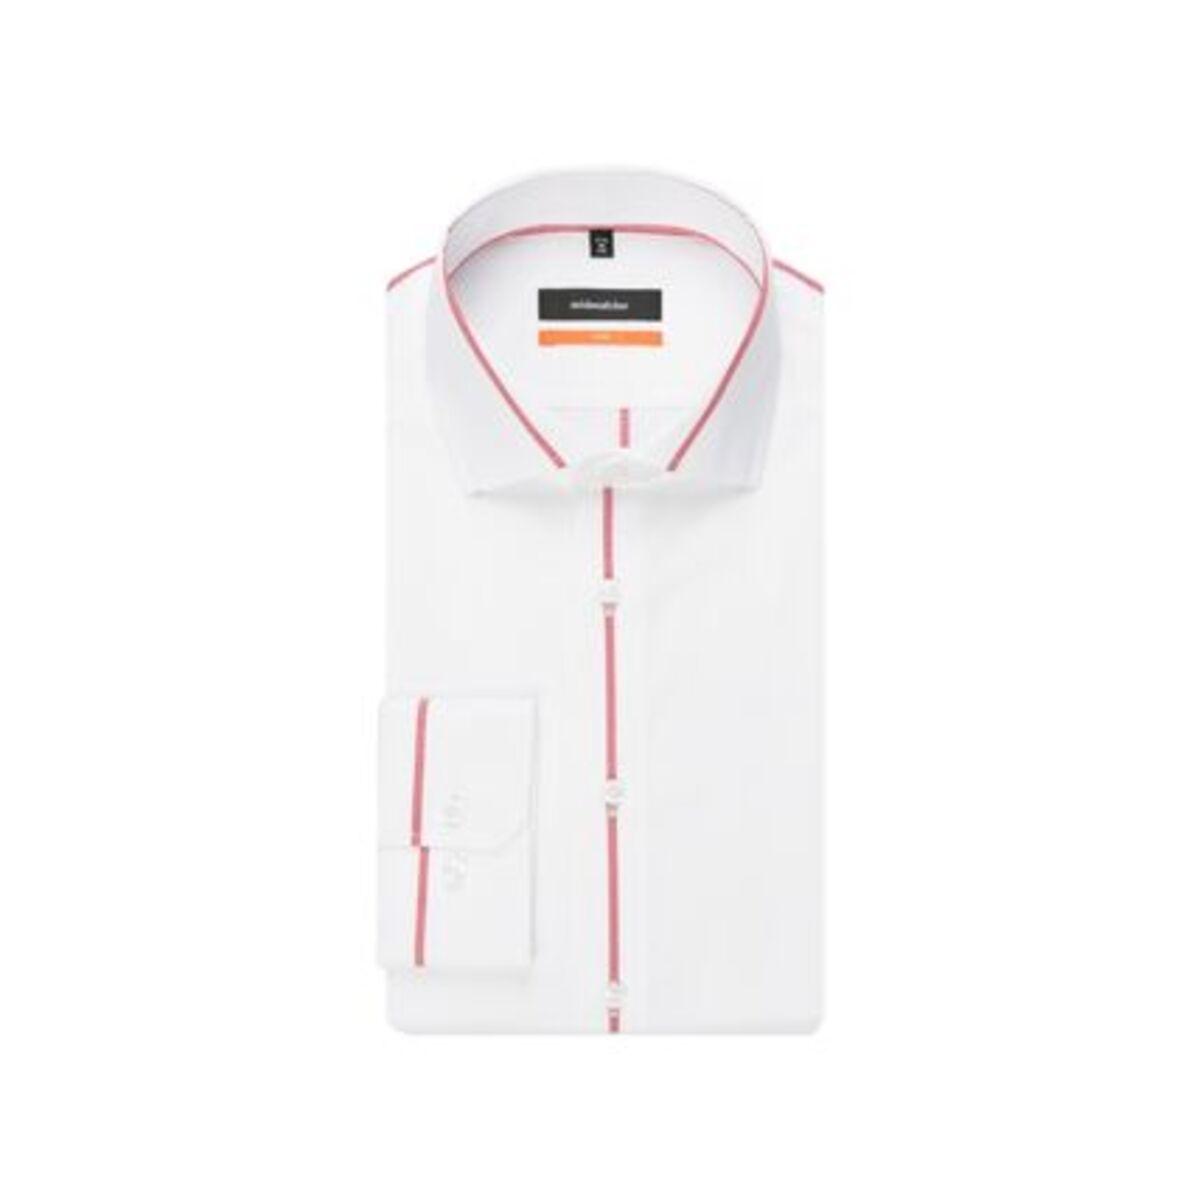 Bild 3 von Seidensticker Business Hemd Slim Langarm Kentkragen Streifen, Rot, rot, 43, 43